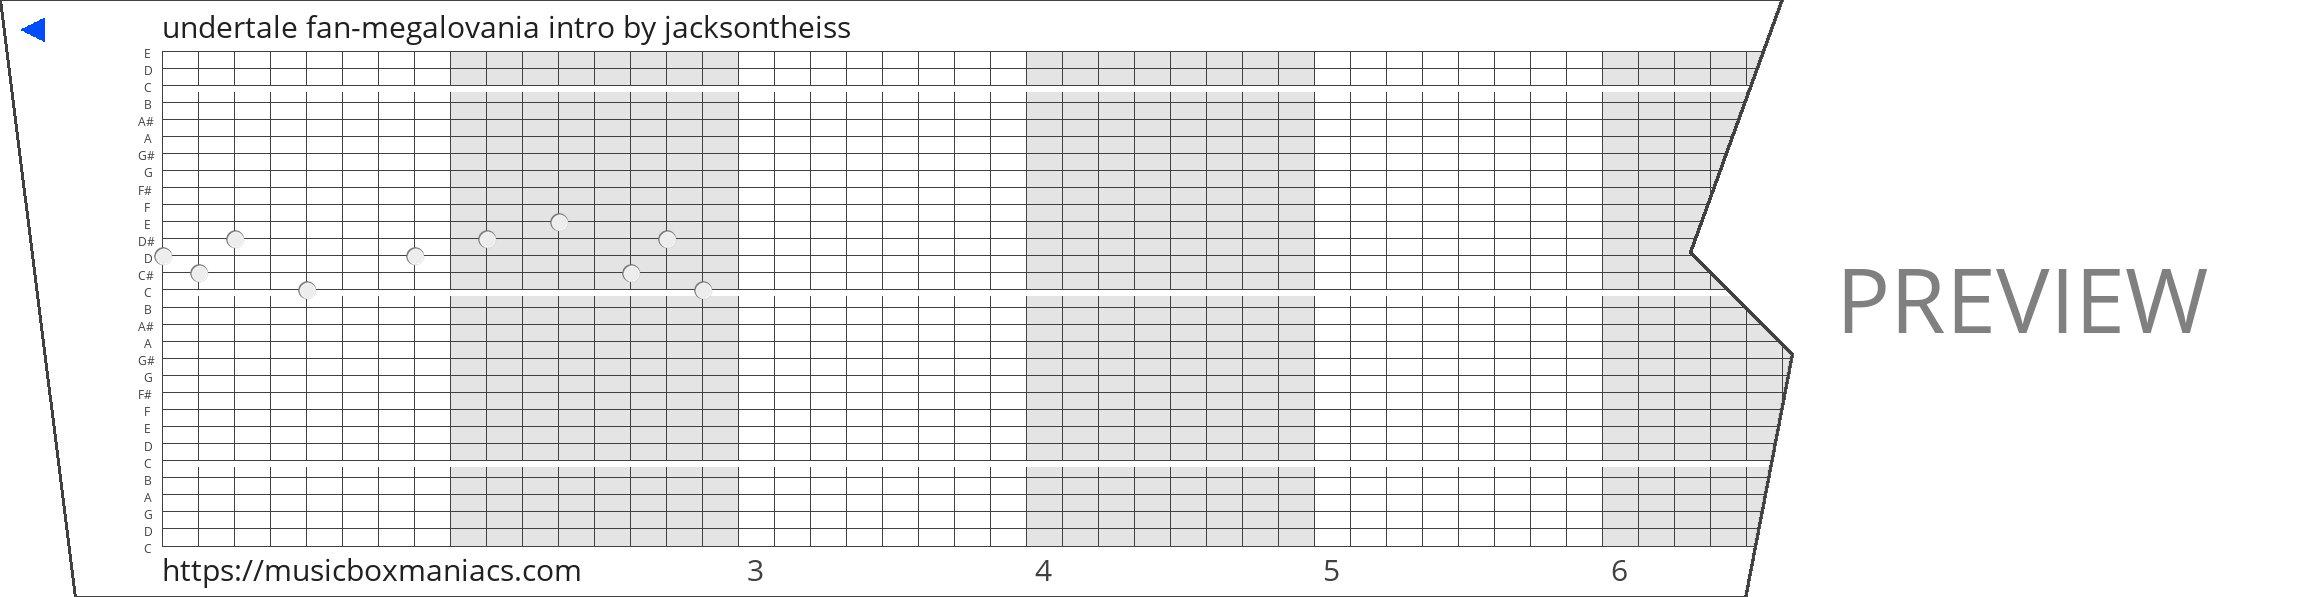 undertale fan-megalovania intro 30 note music box paper strip